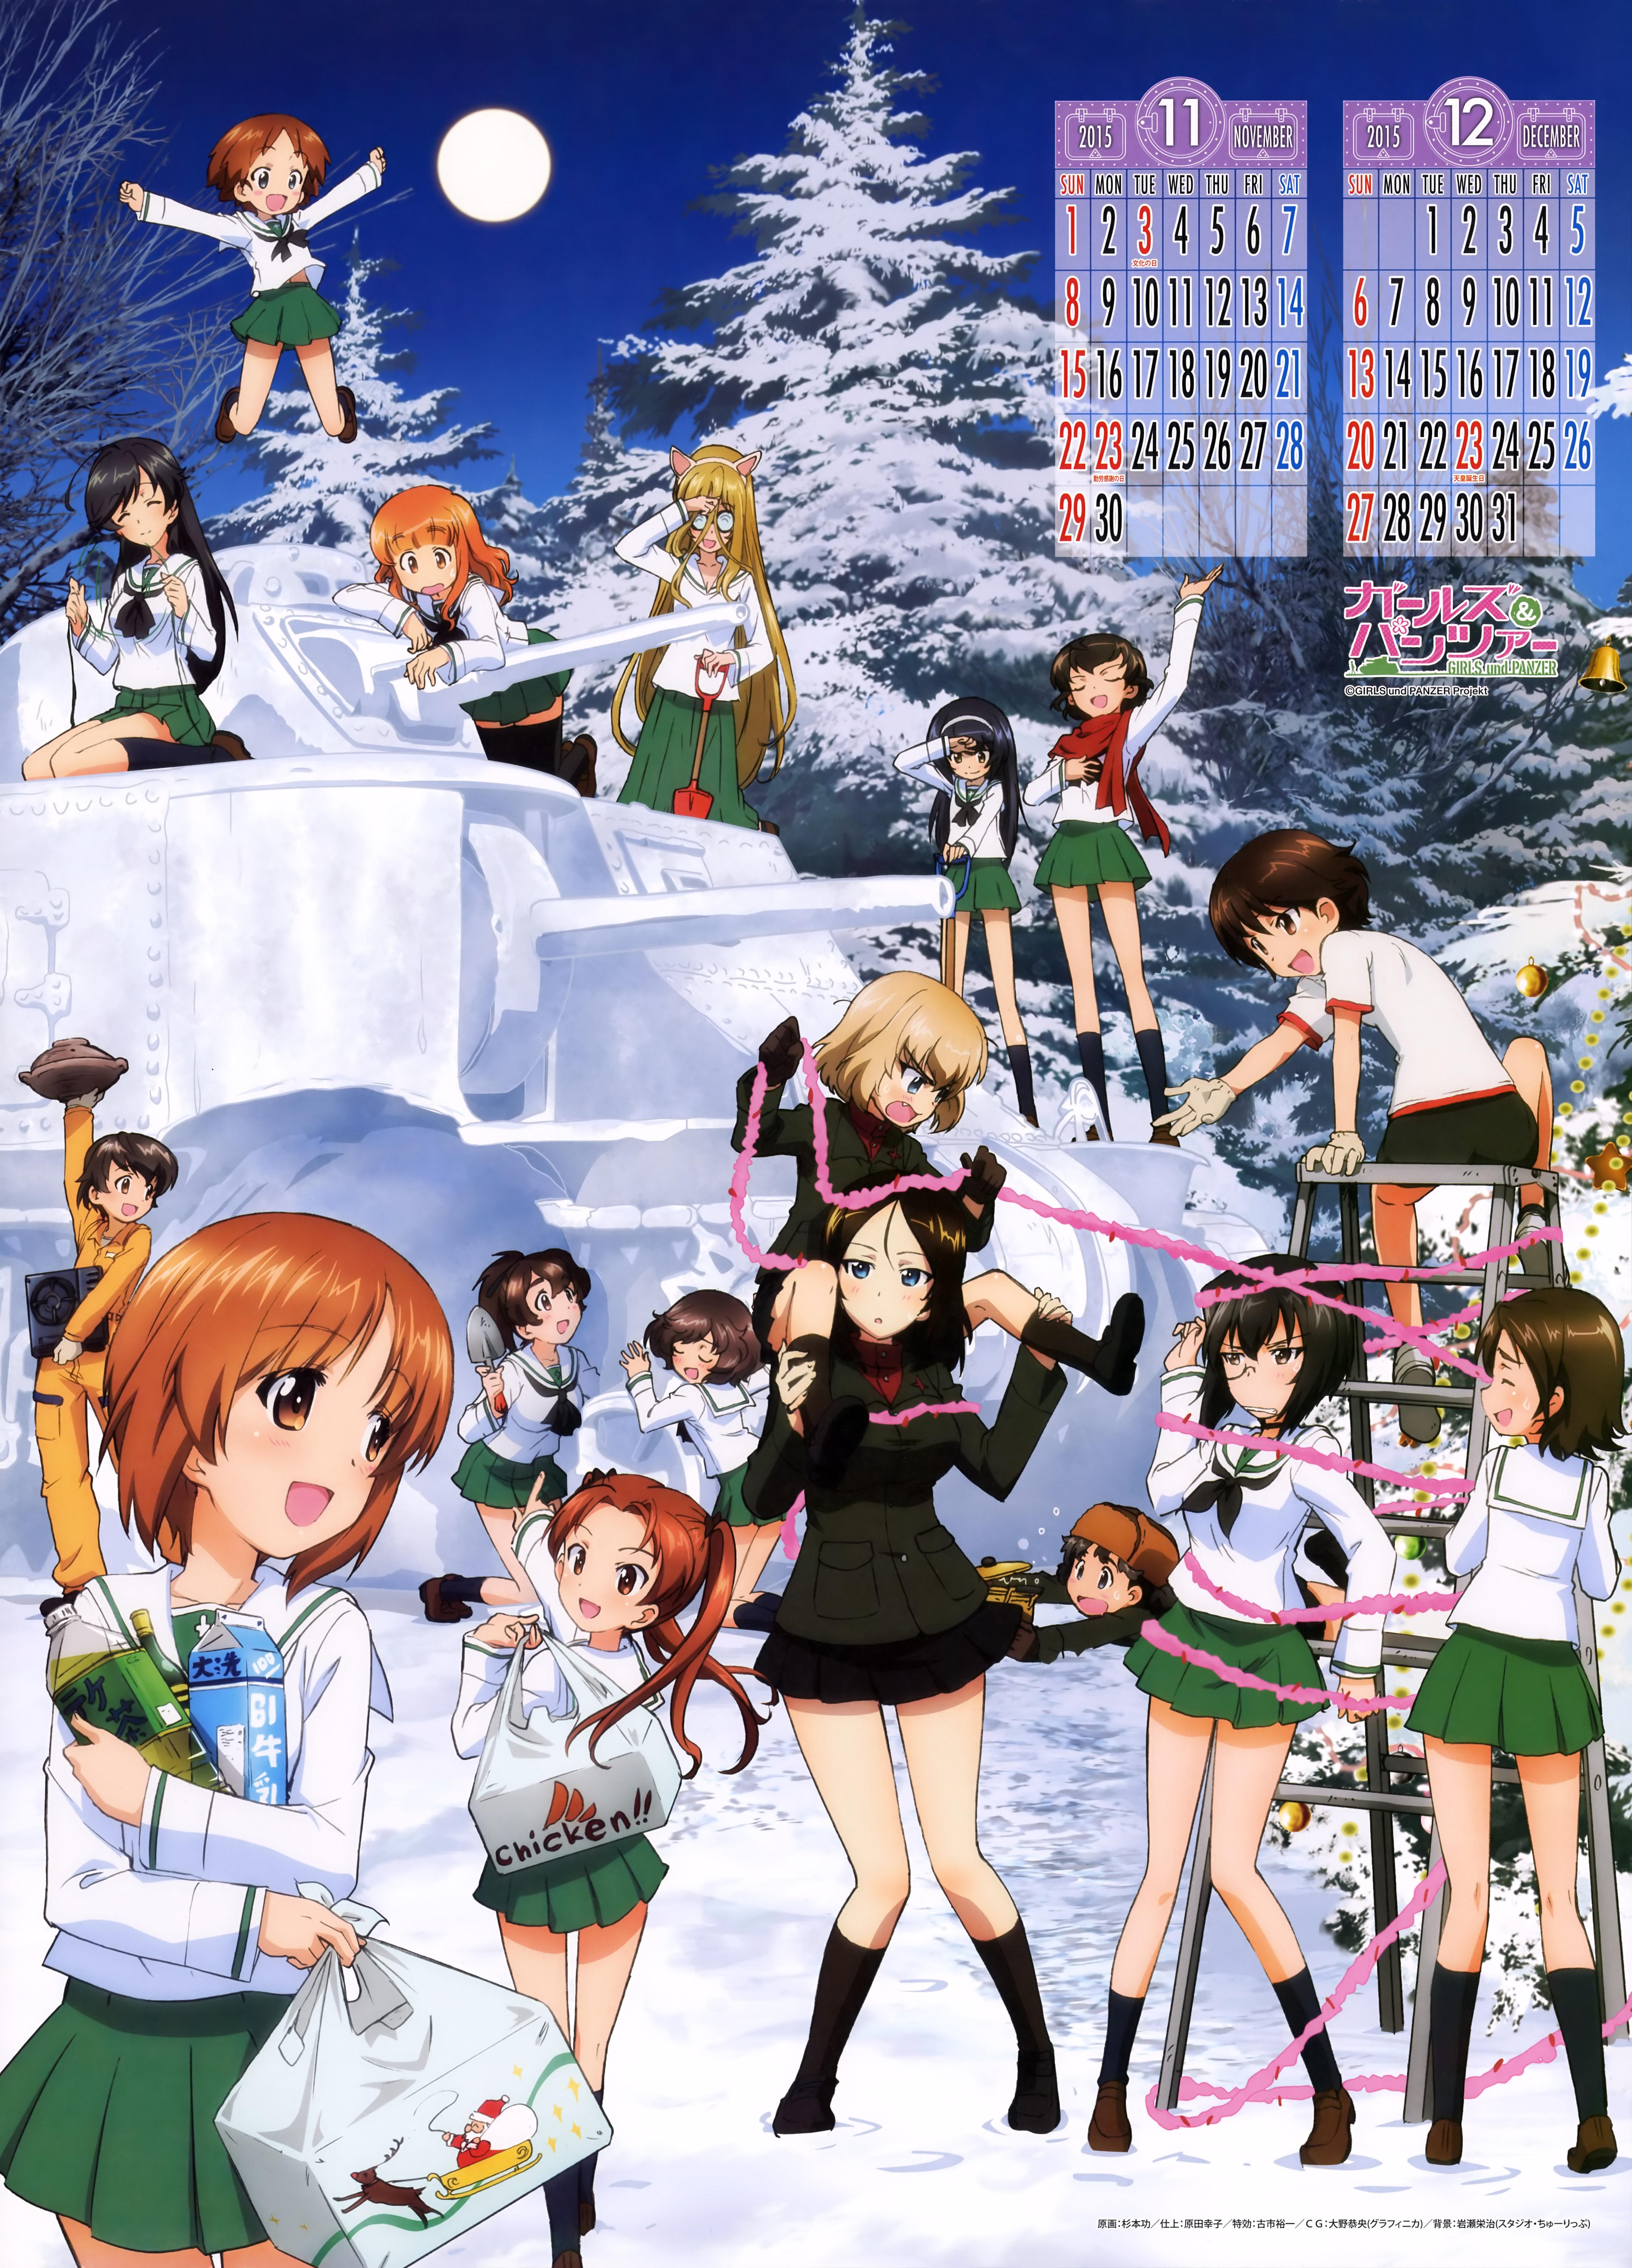 Girls und Panzer 2015 Calendar Previewed Haruhichan.com Gurapan calendar 7